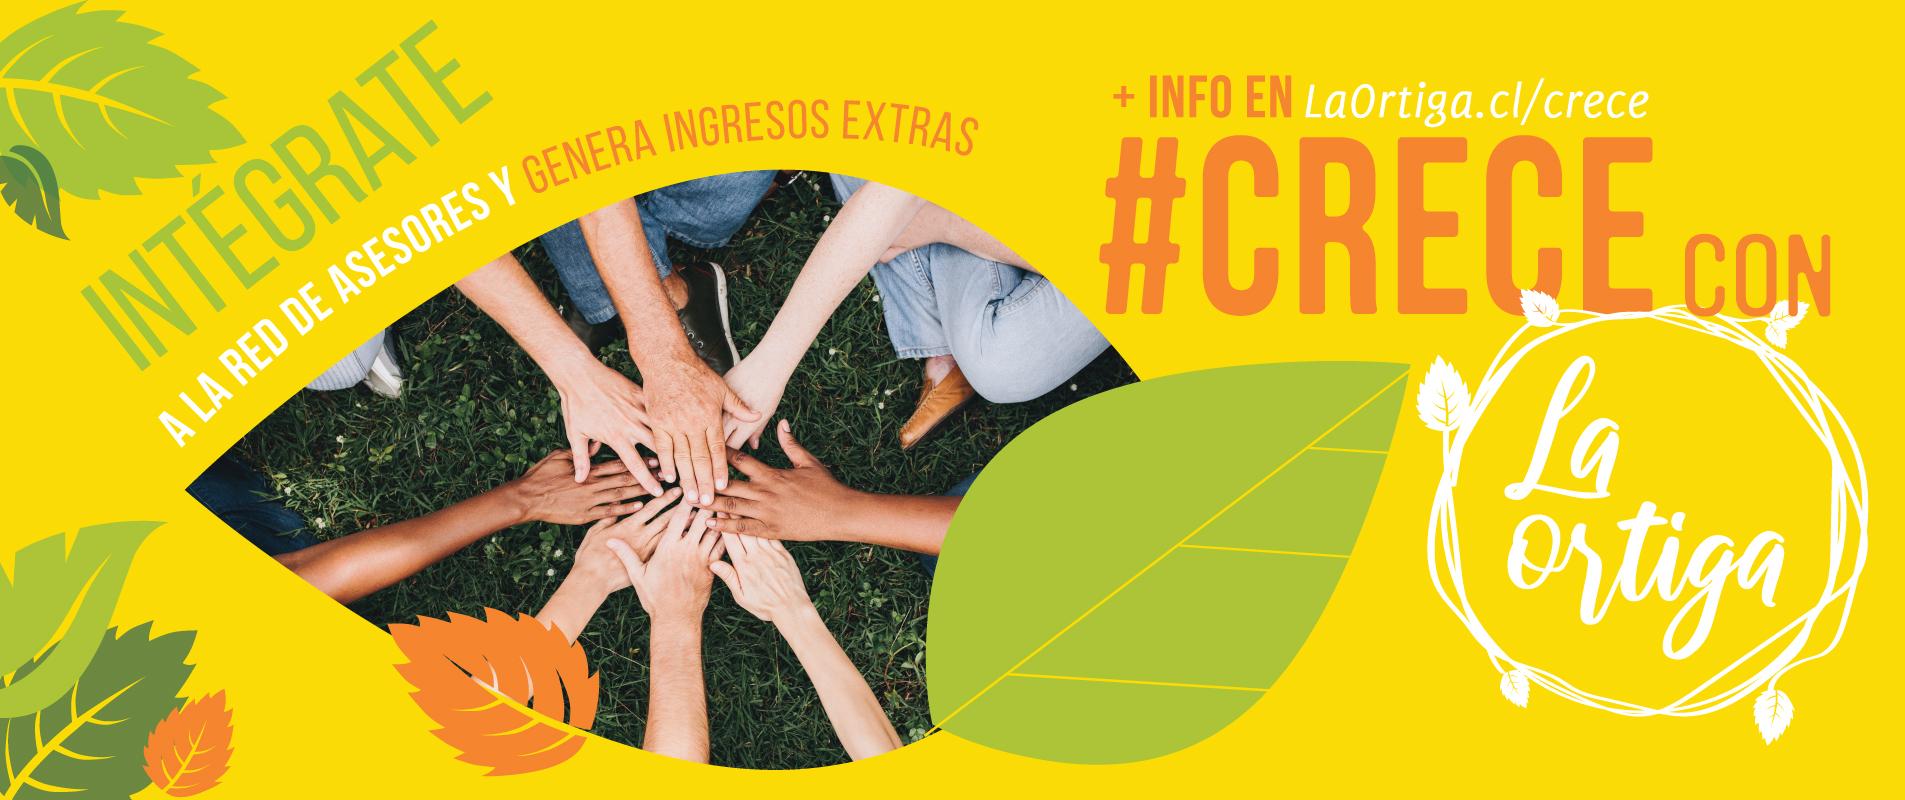 #CrececonLaOrtiga.cl